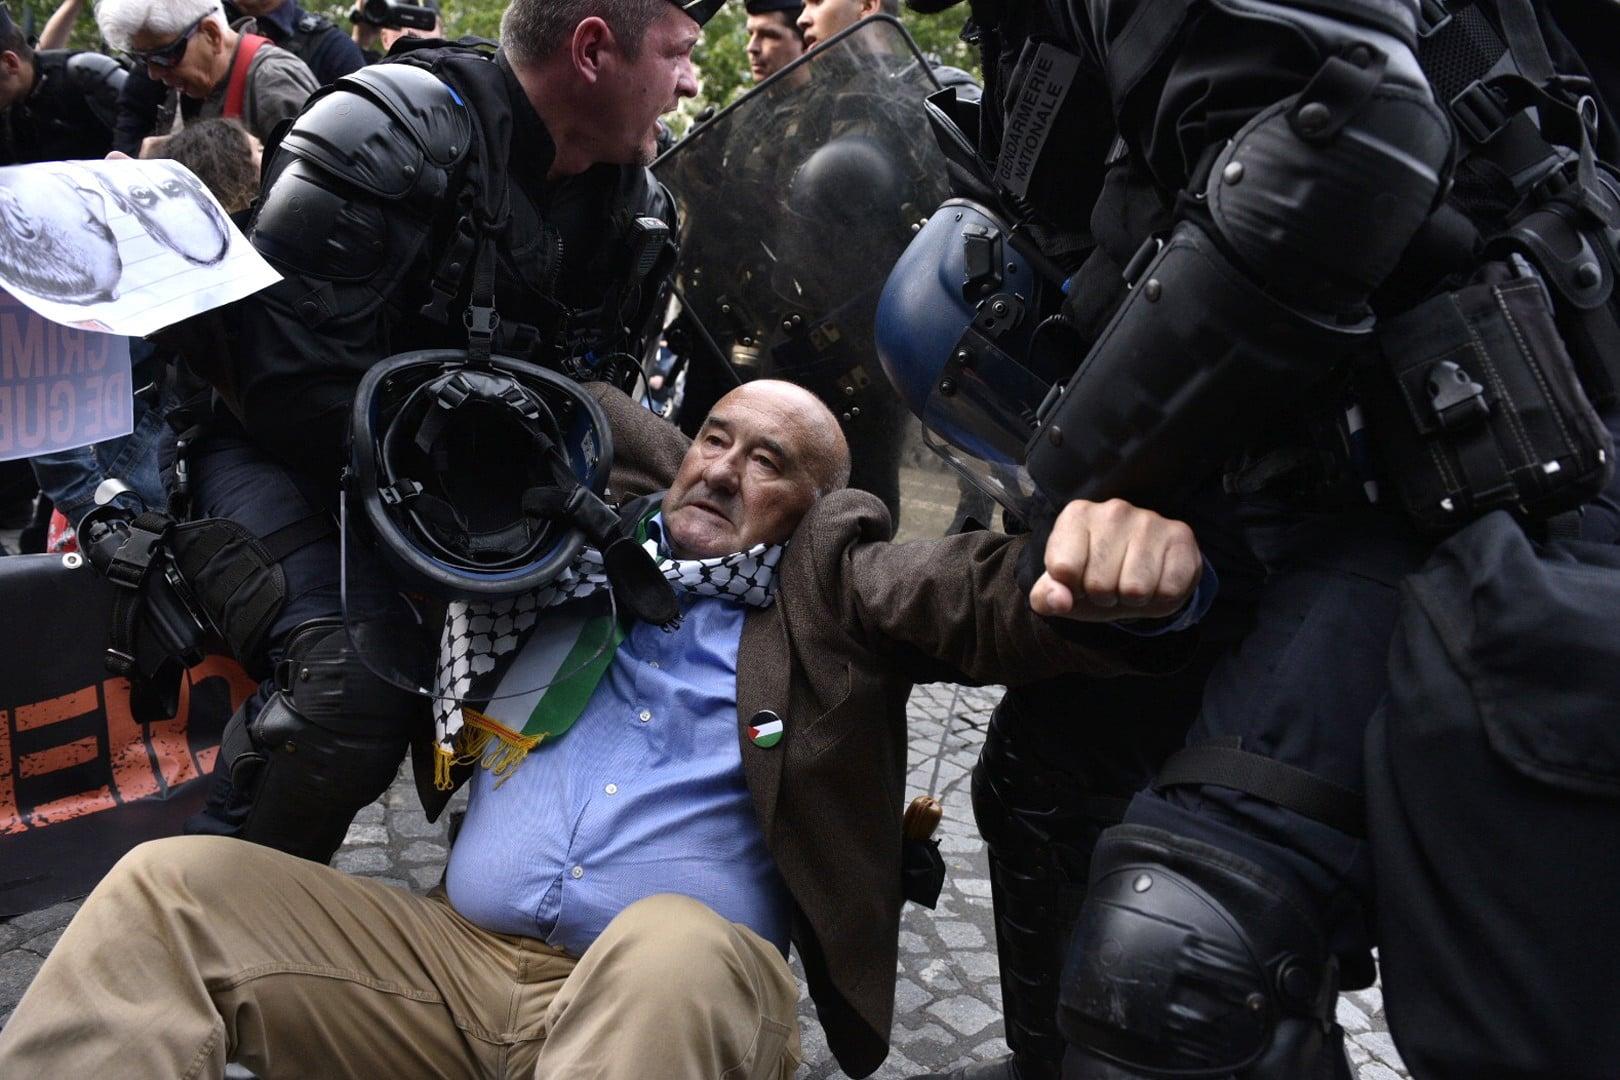 Paryż: interwencja wobec demonstrantów sprzeciwiających się polityce Izraela wobec Palestyńczyków. Dziś premier Izraela spotkał się w Paryżu z prezydentem Francji, fot: Julien De Rosa, PAP/EPA